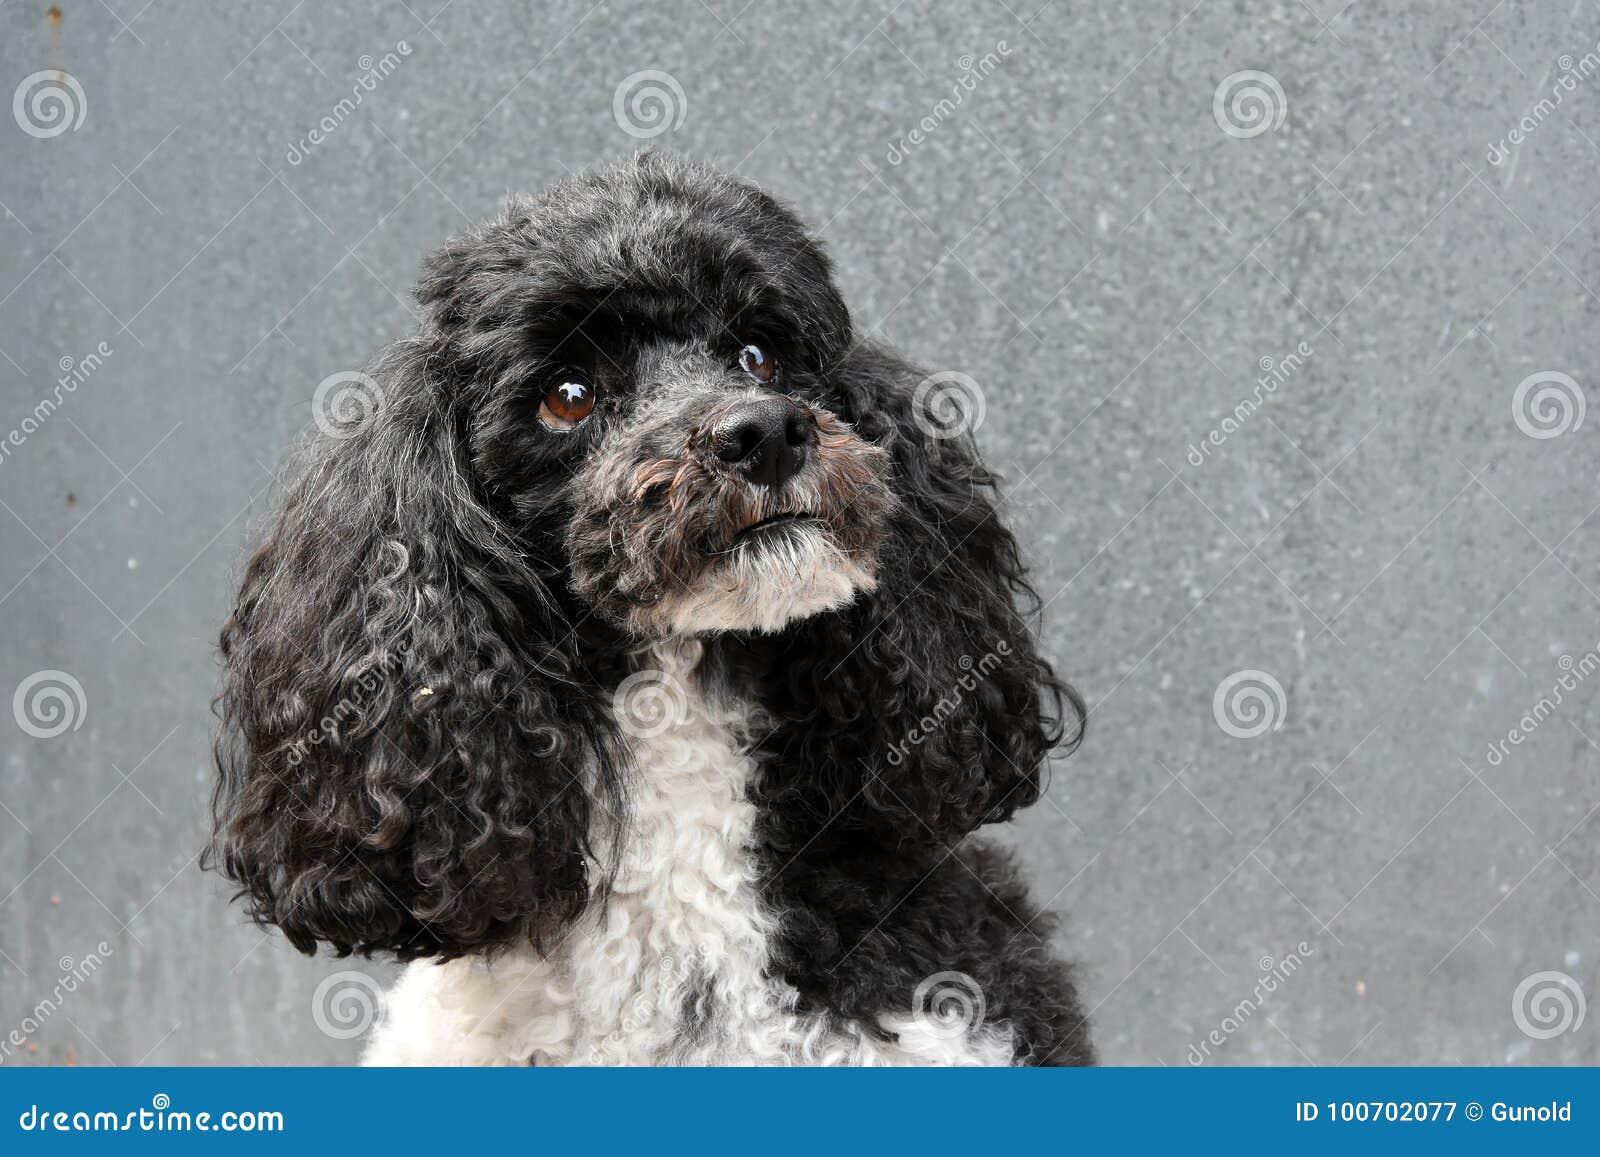 Harlequin poodle